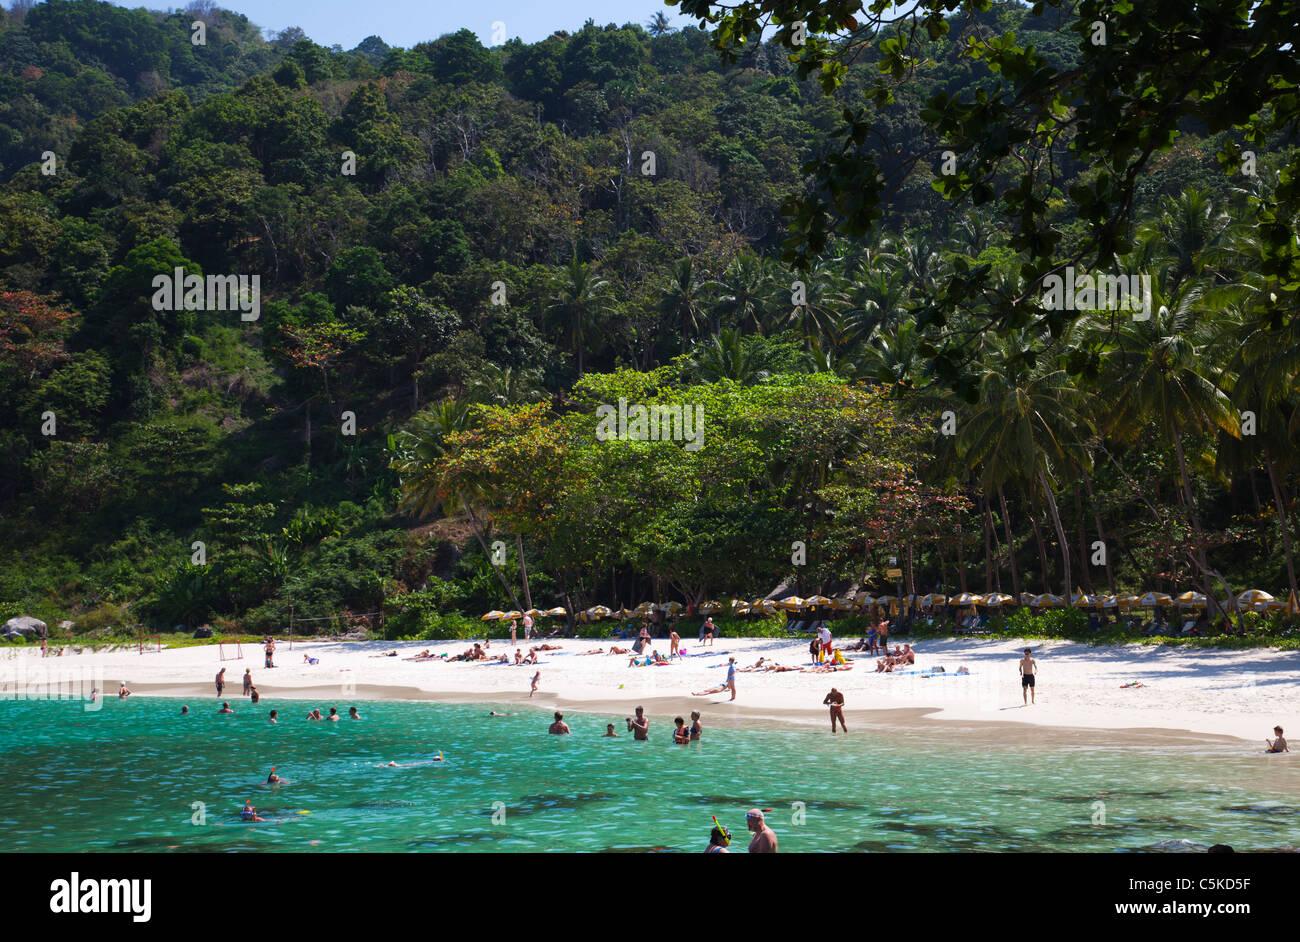 Vista su iconica spiaggia tropicale a 'Paradise Beach' con gente sulla spiaggia ed in mare Immagini Stock